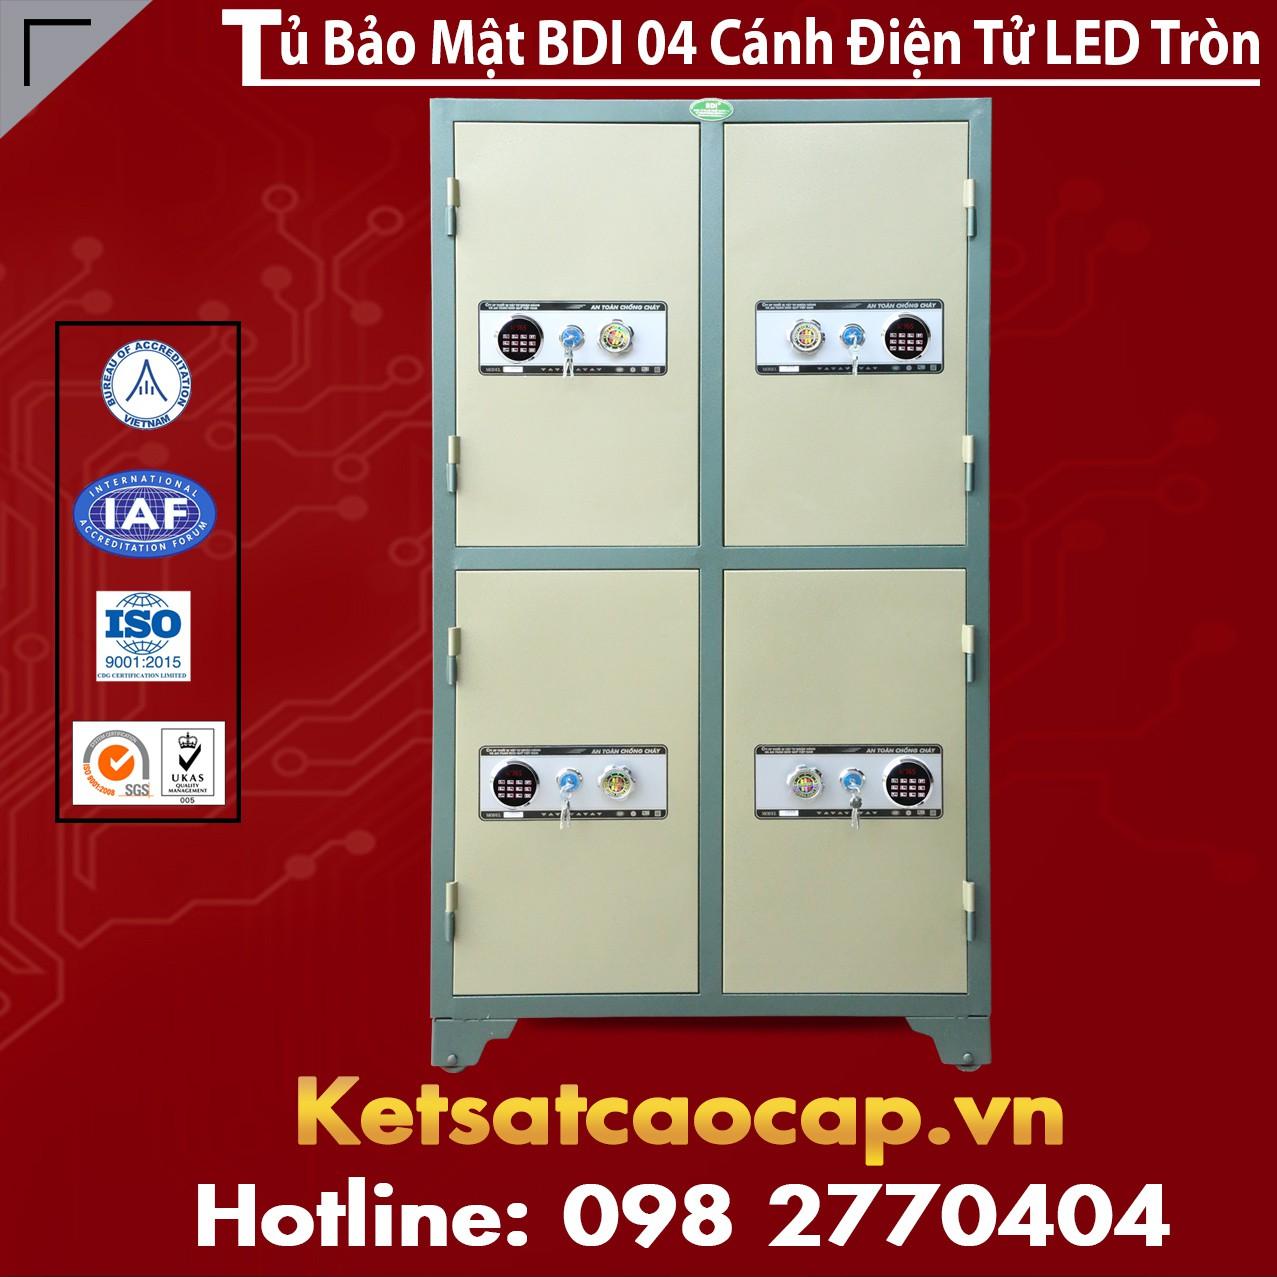 Tủ Bảo Mật BDI 4 Cánh Điện Tử LED Tròn